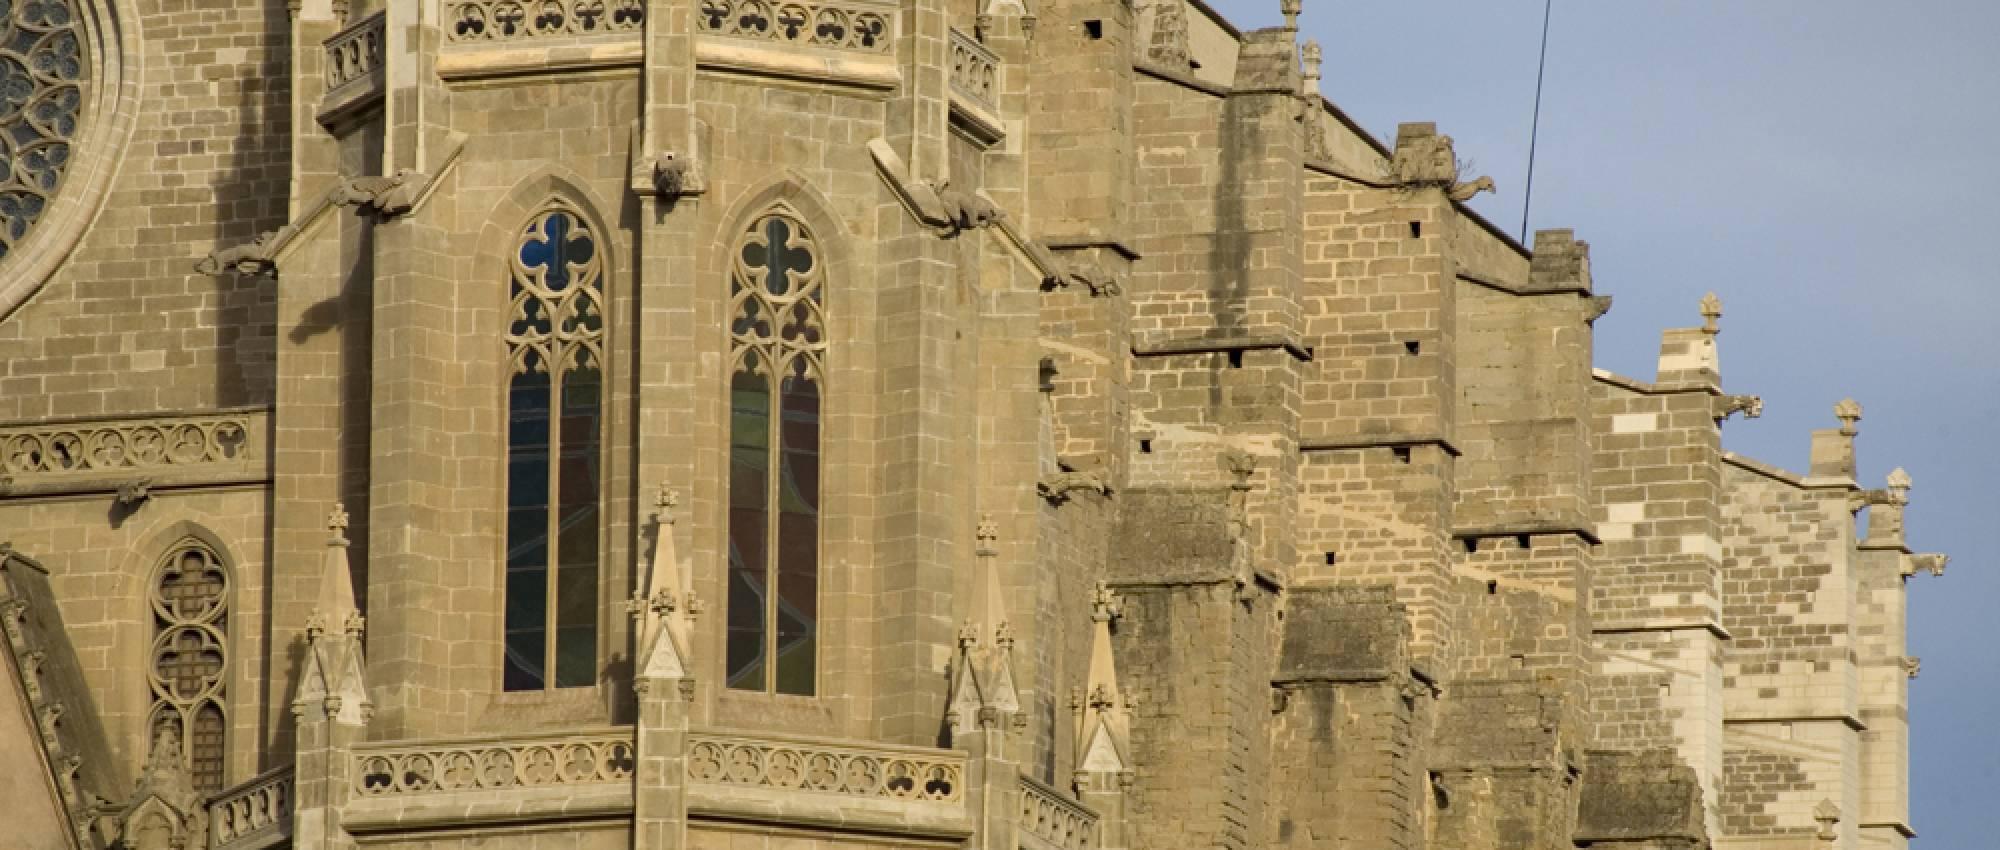 Detall de la Col·legiata Basílica de Santa Maria de Manresa. PMRMaeyaert / Wikimedia Commons. CC BY-SA 3.0 ES